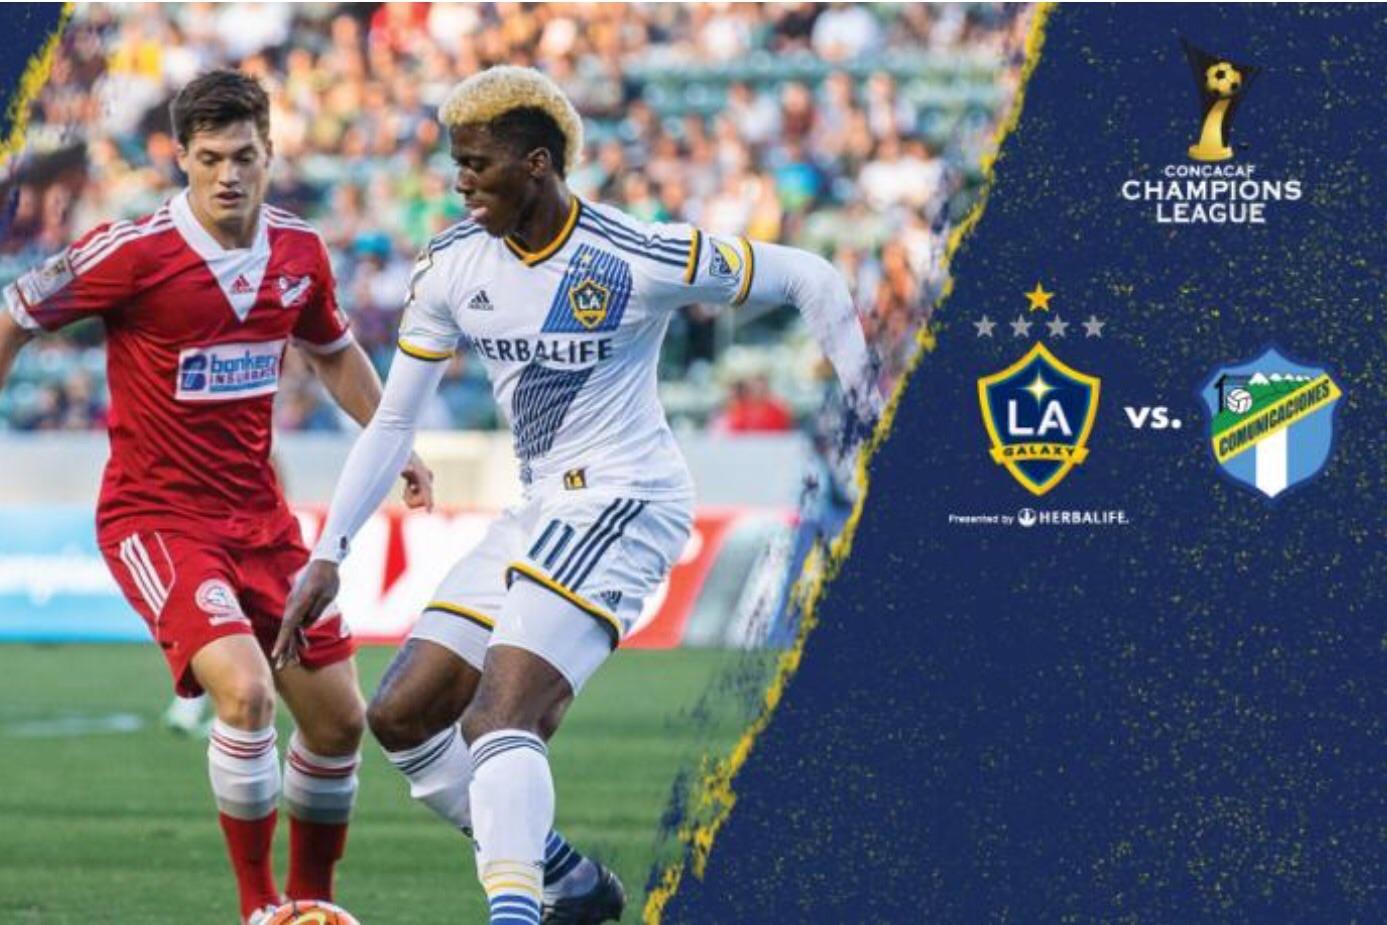 Preview: LA Galaxy vs Communicaciones